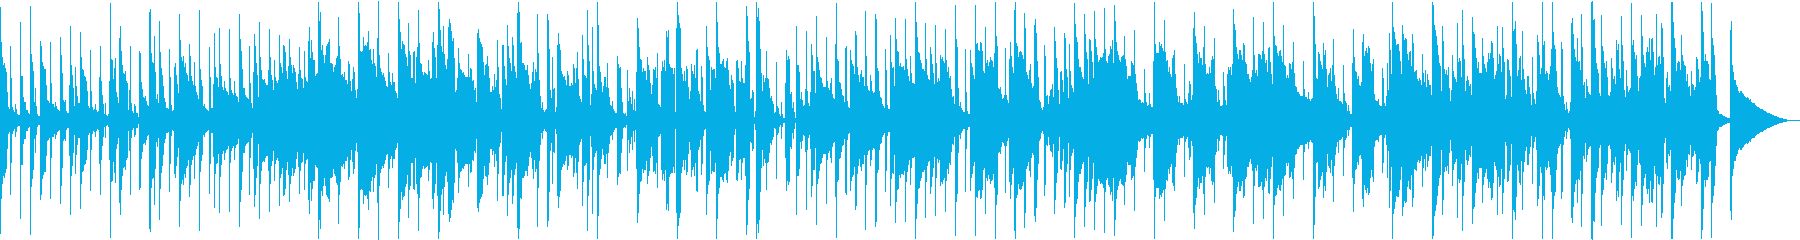 コロナ終息を願っての穏やかな曲の再生済みの波形